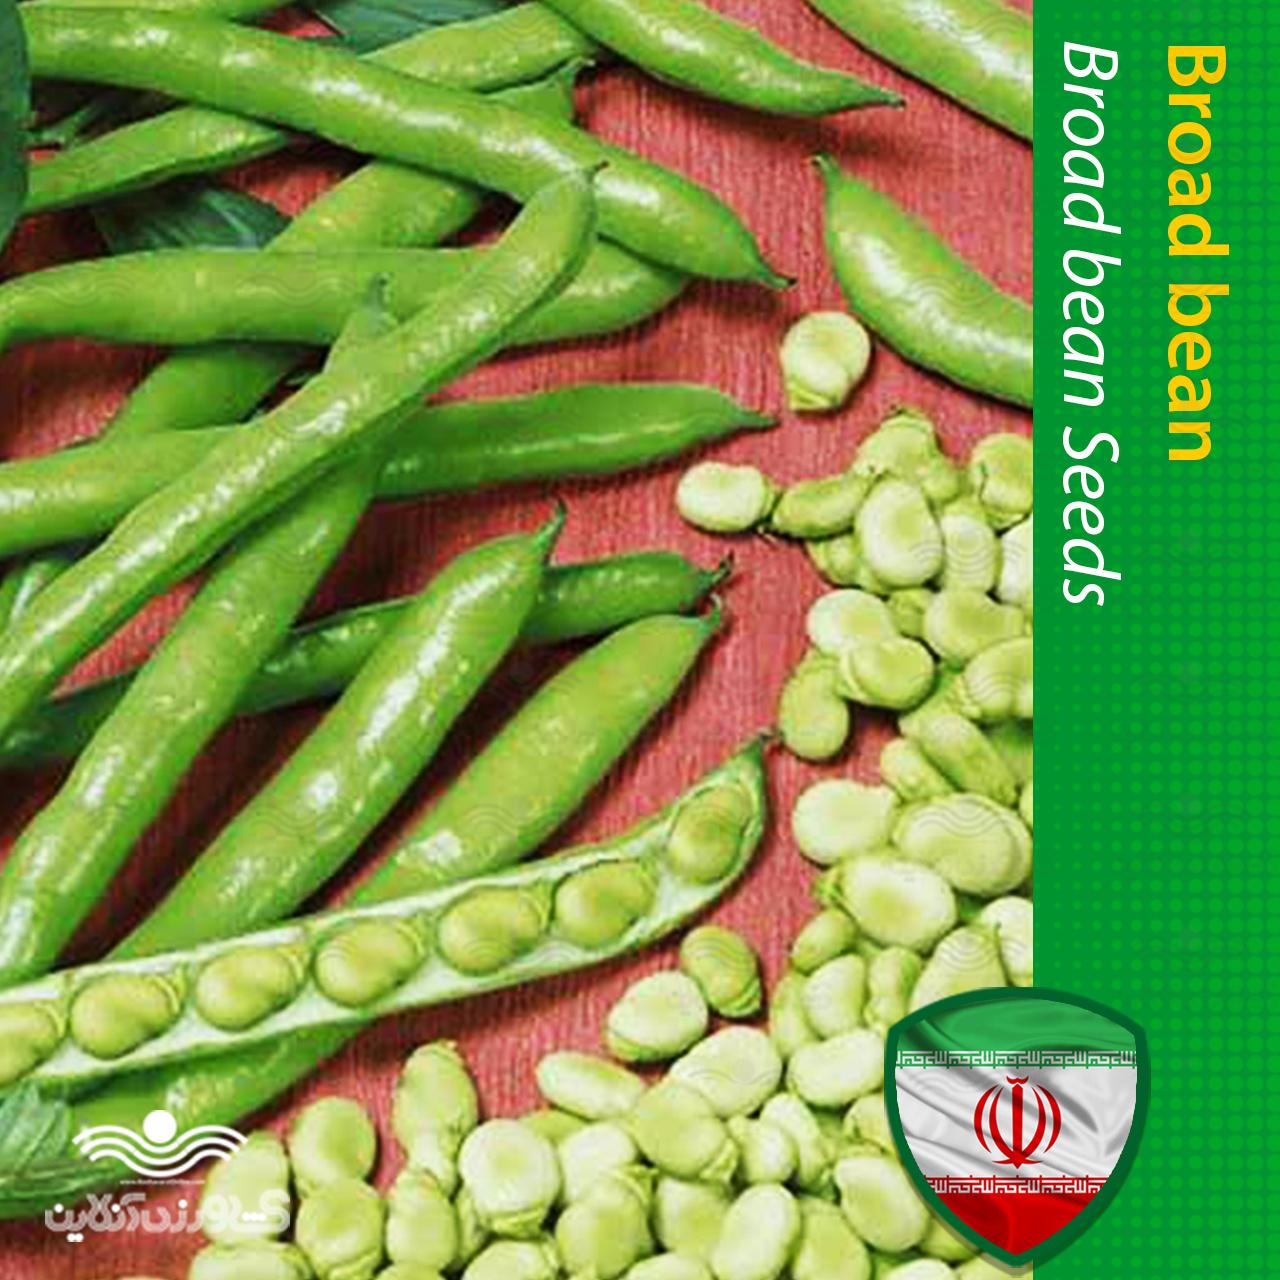 بذر باقلا ریز مینیاتوری و روش کاشت باقلا